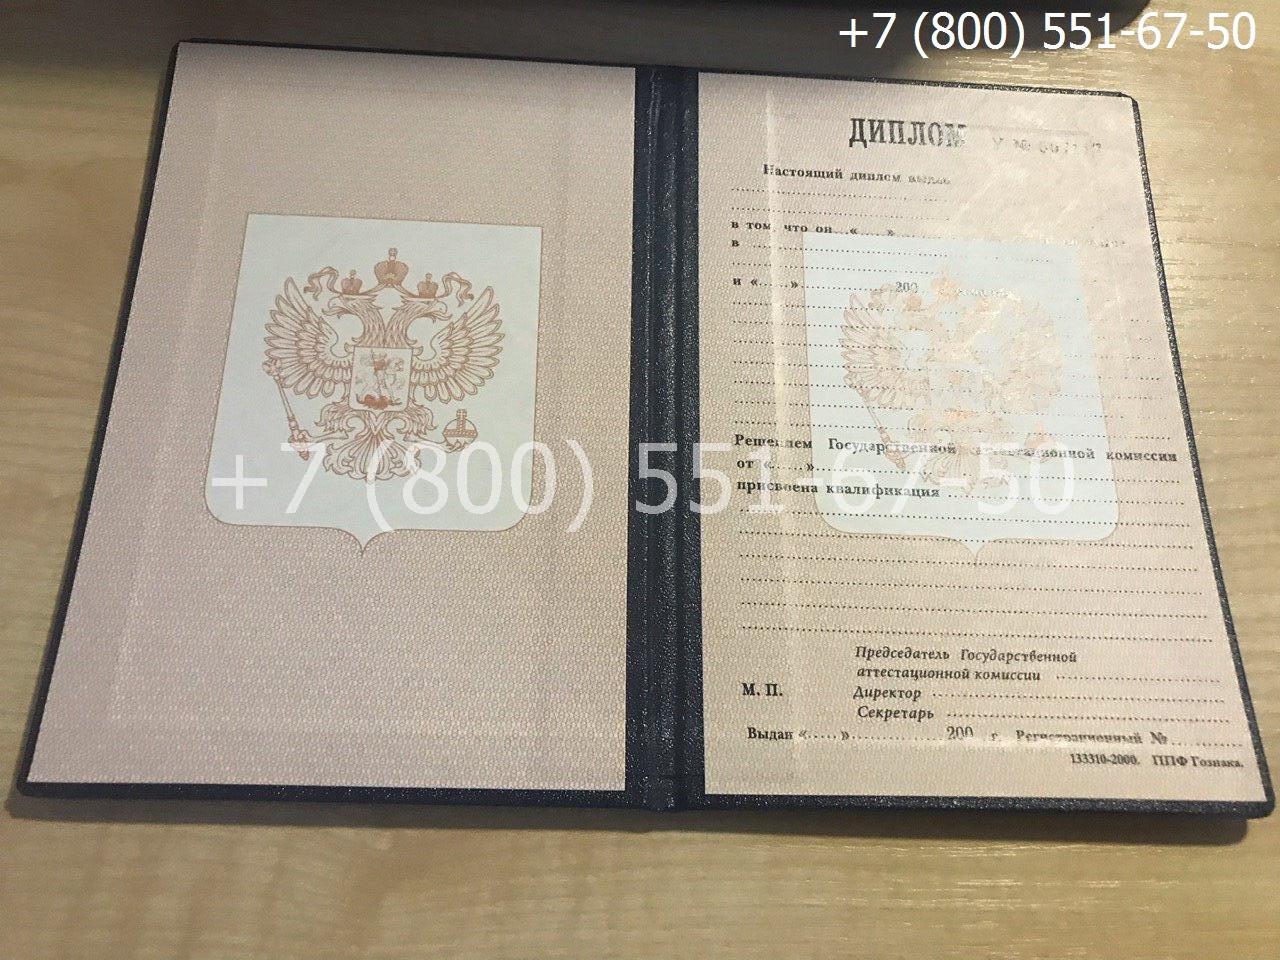 Диплом ПТУ 1995-2005 годов, старого образца-1